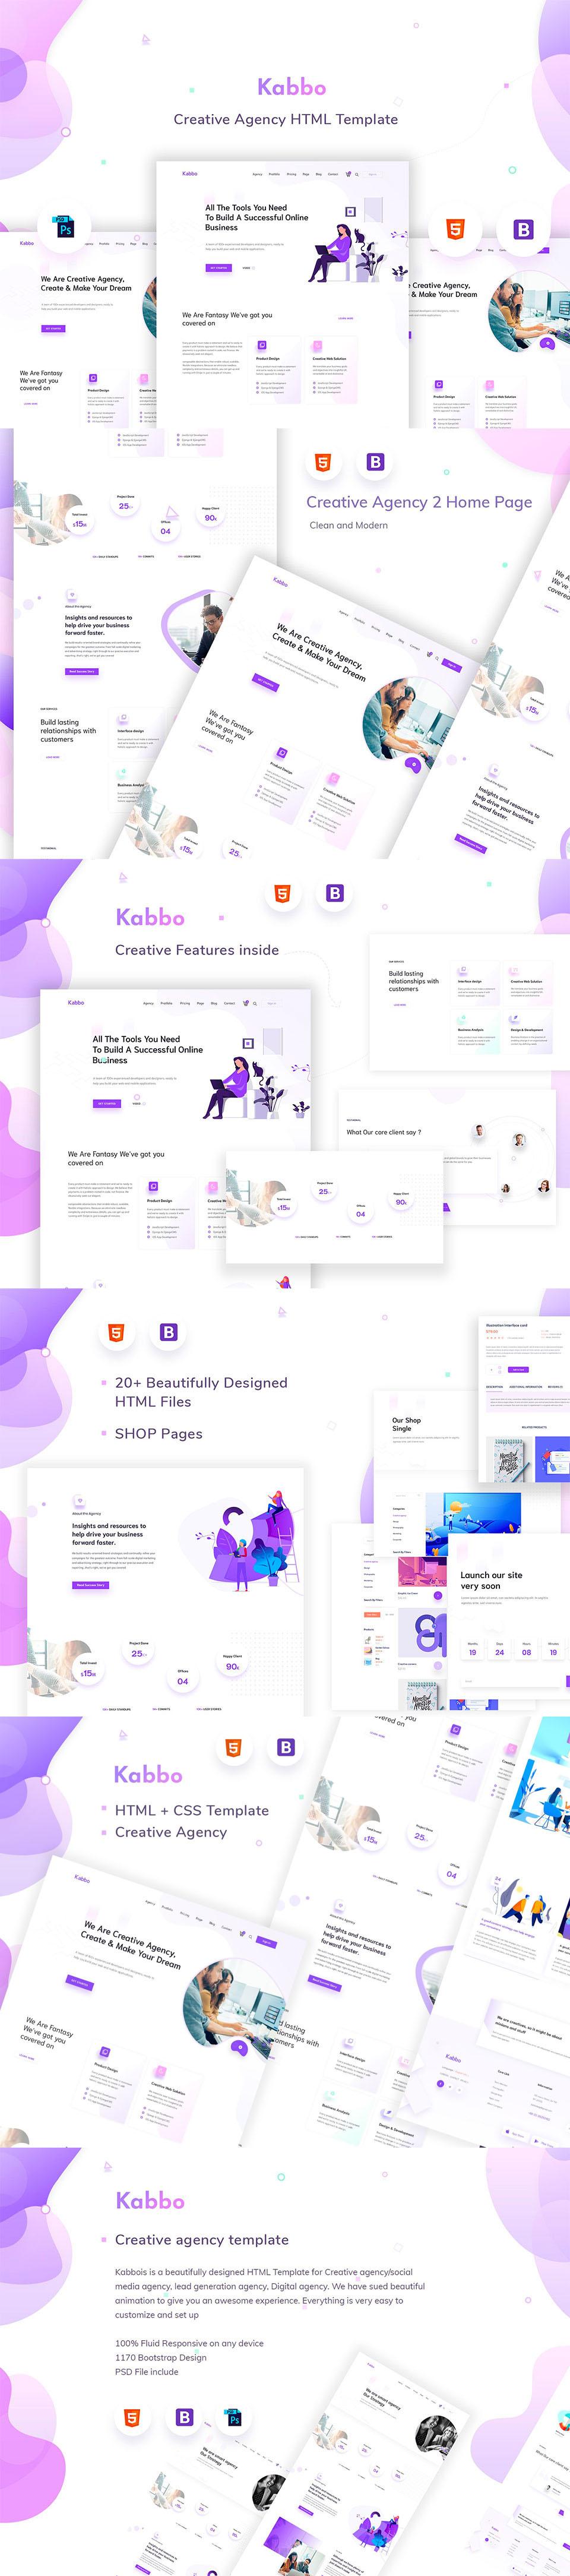 优雅的插画风格产品服务网页 UI KIT 模板下载 [PSD,HTML] Kabbo - Creative Agency Template